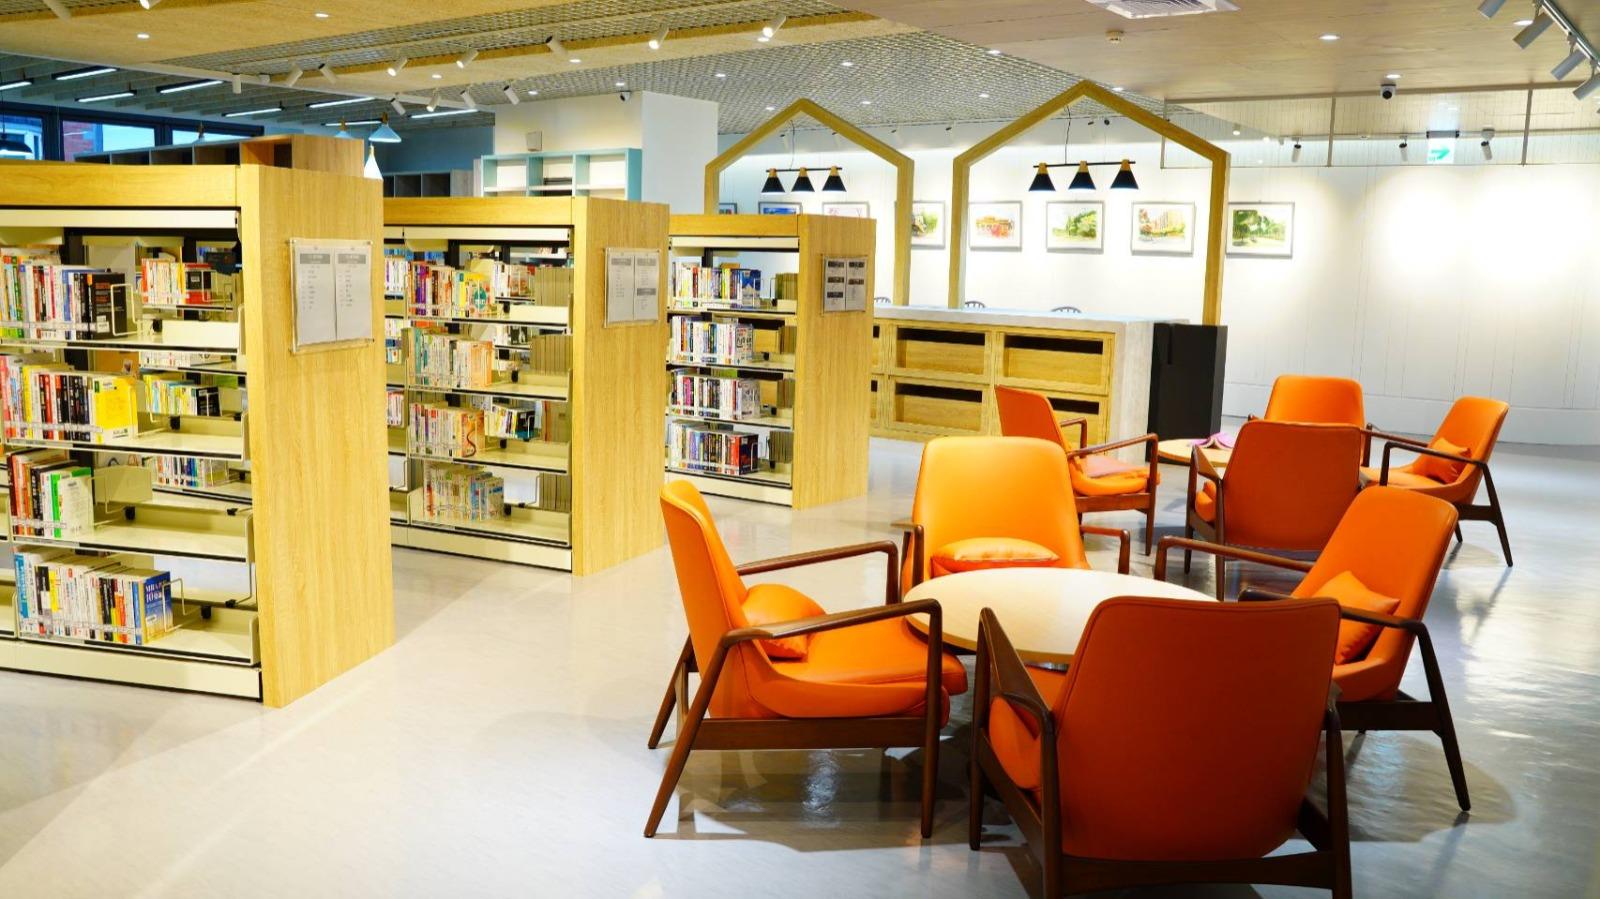 木質溫潤感的閱覽空間